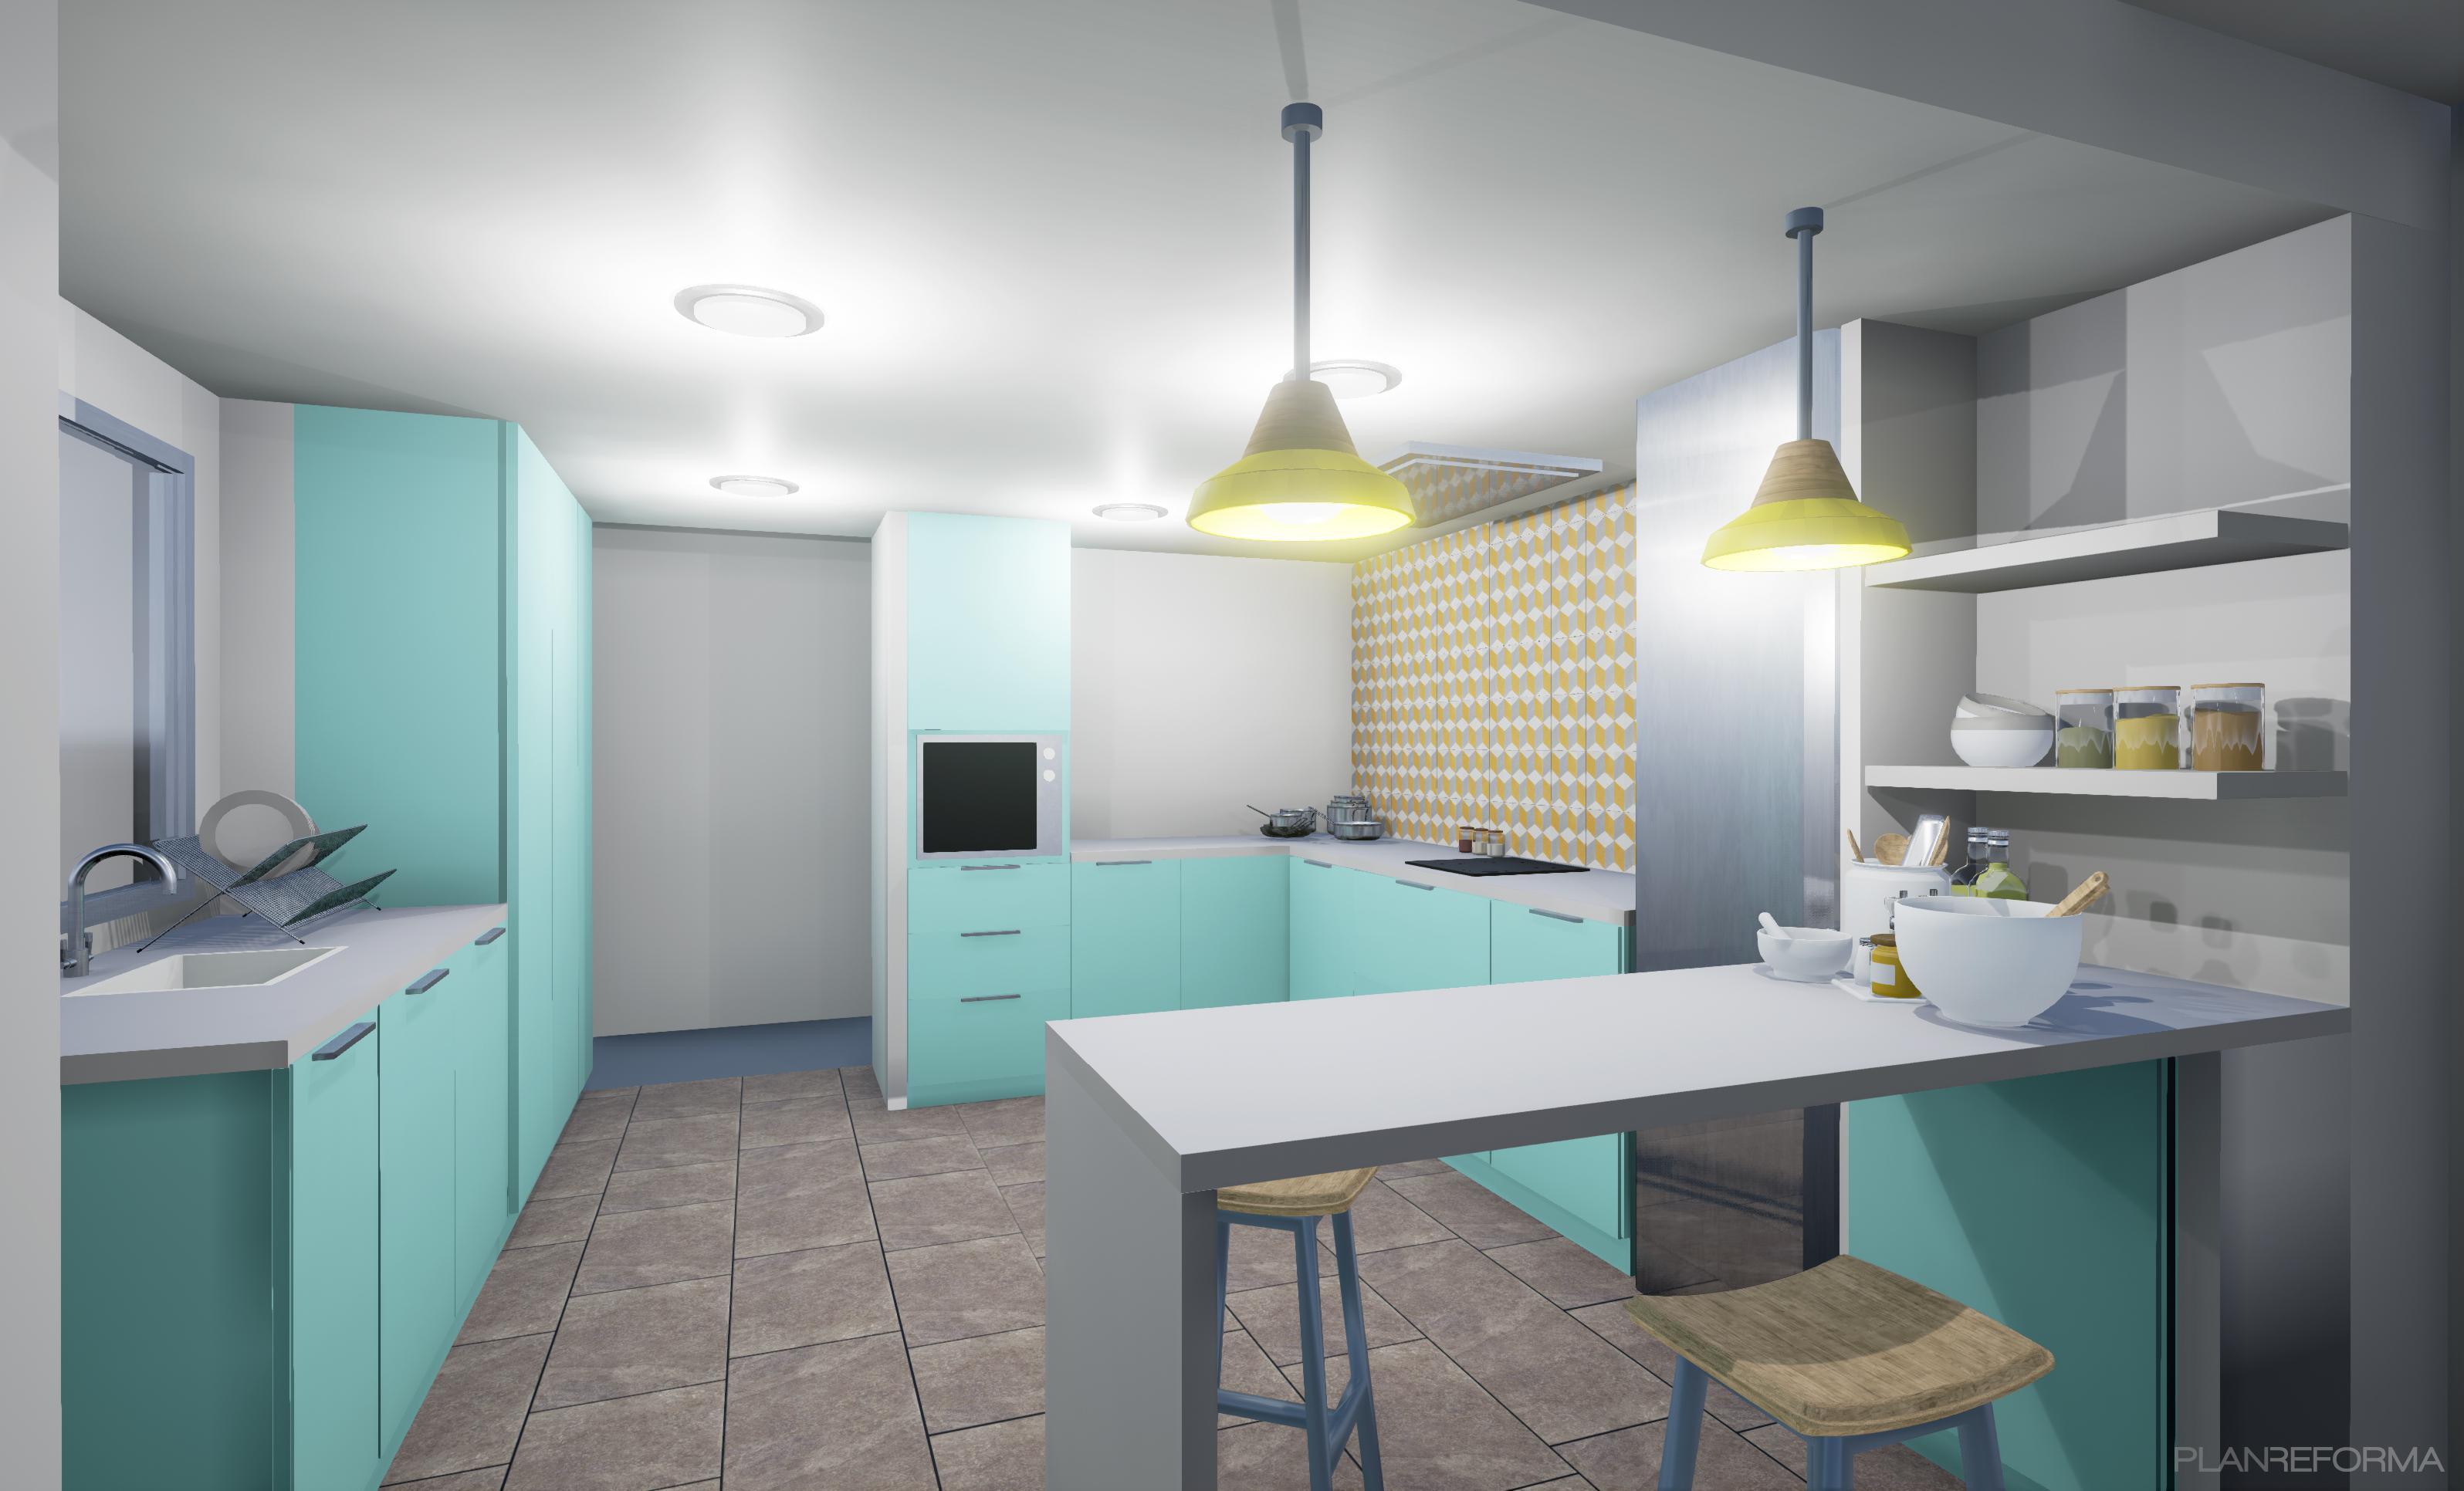 Cocina estilo contemporaneo color azul cielo beige dorado - Pintura para sanitarios ...